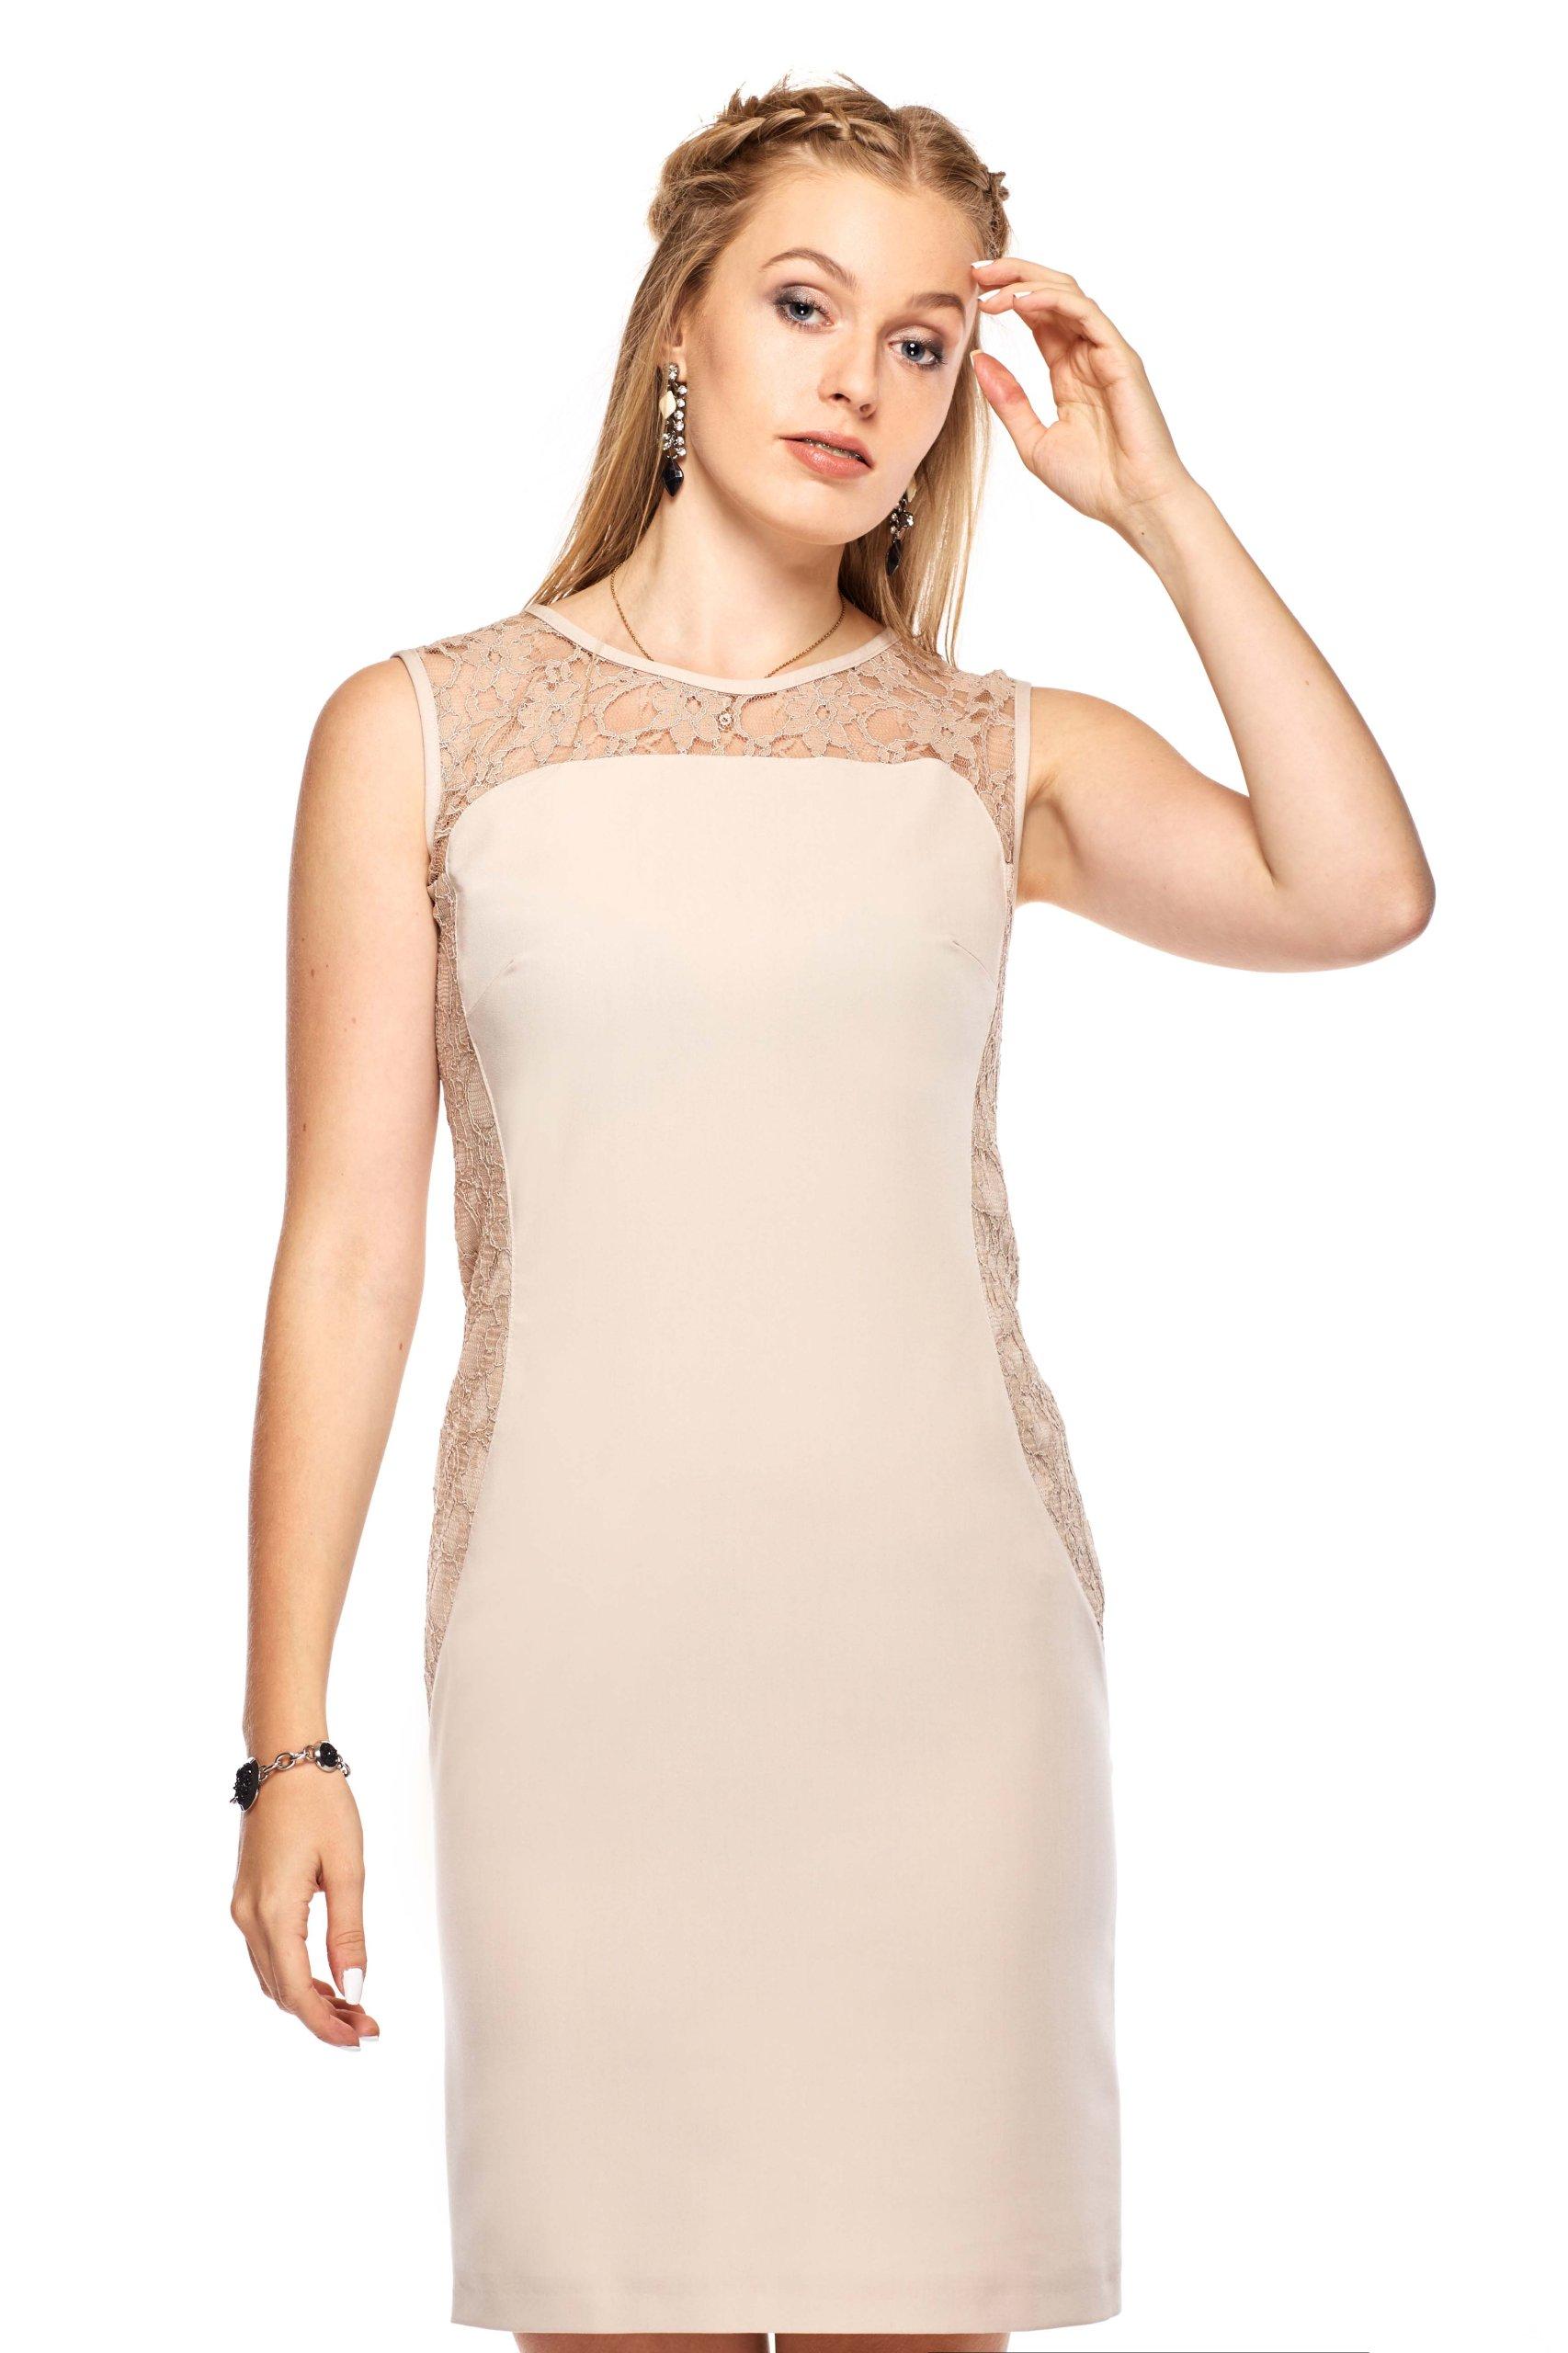 3ead19b3c9 Dopasowana sukienka wizytowa z koronką 42 XL - 7060417329 ...